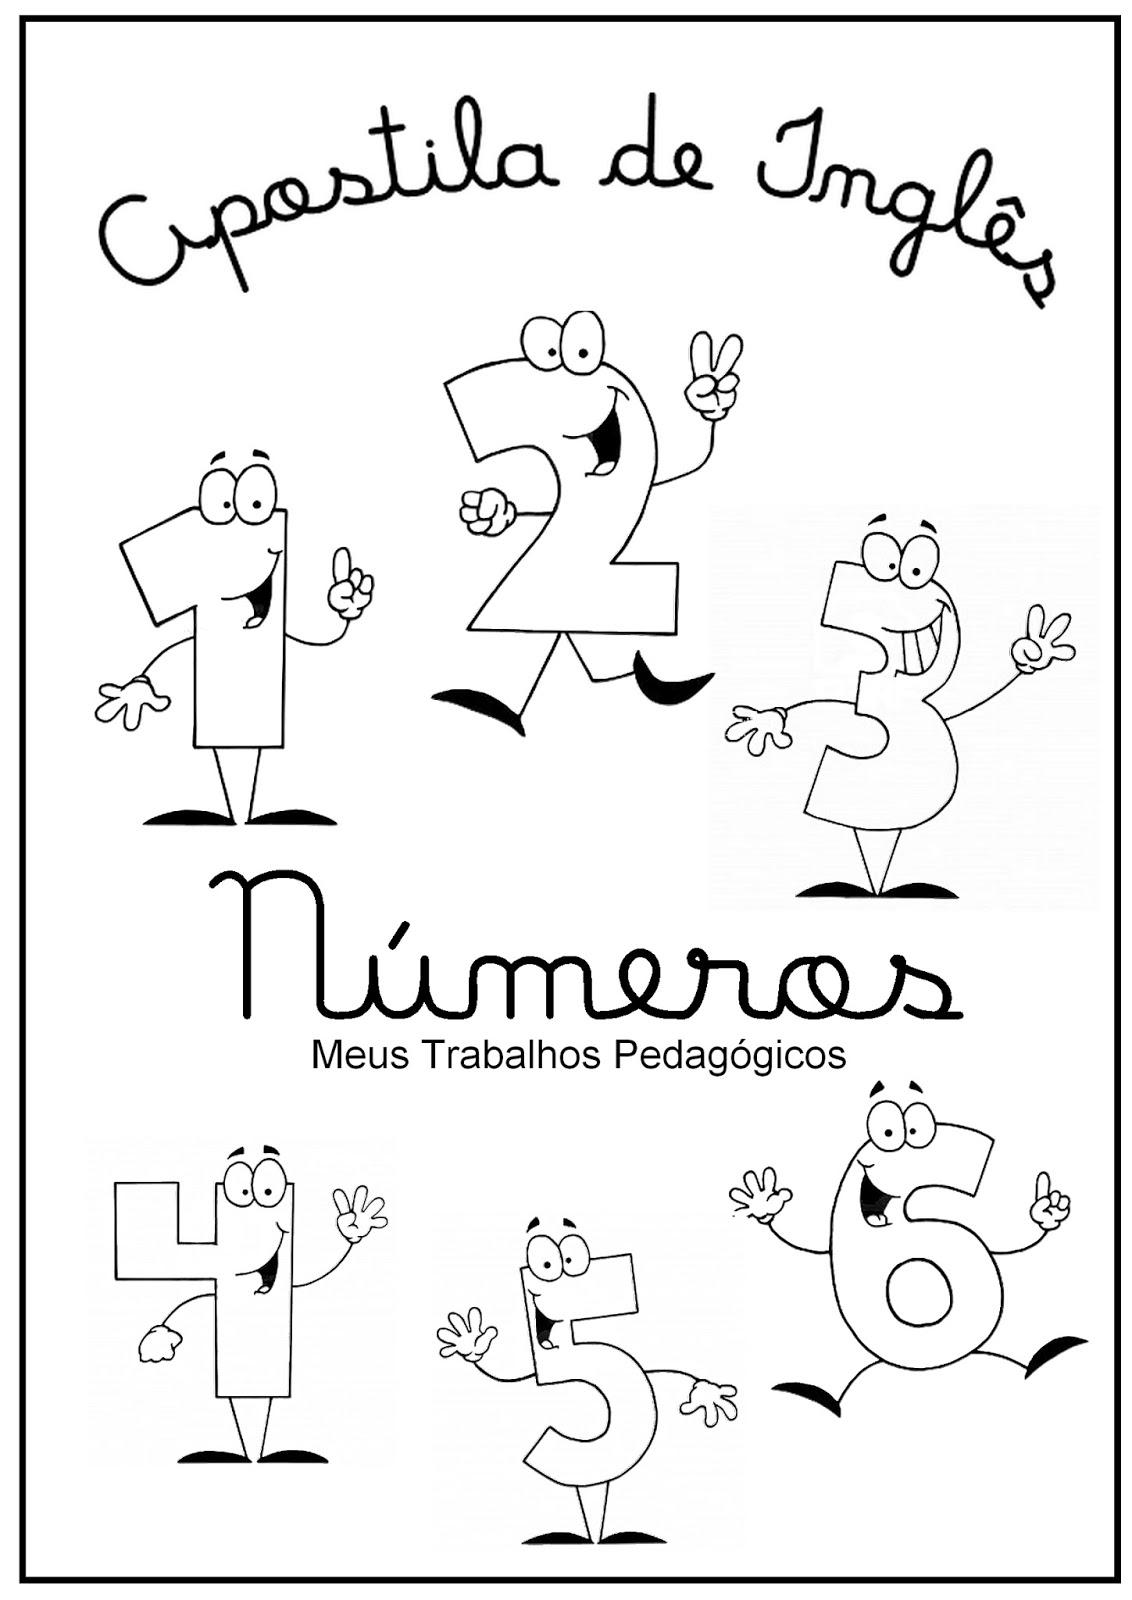 meus trabalhos pedagógicos apostila de inglês números para colorir